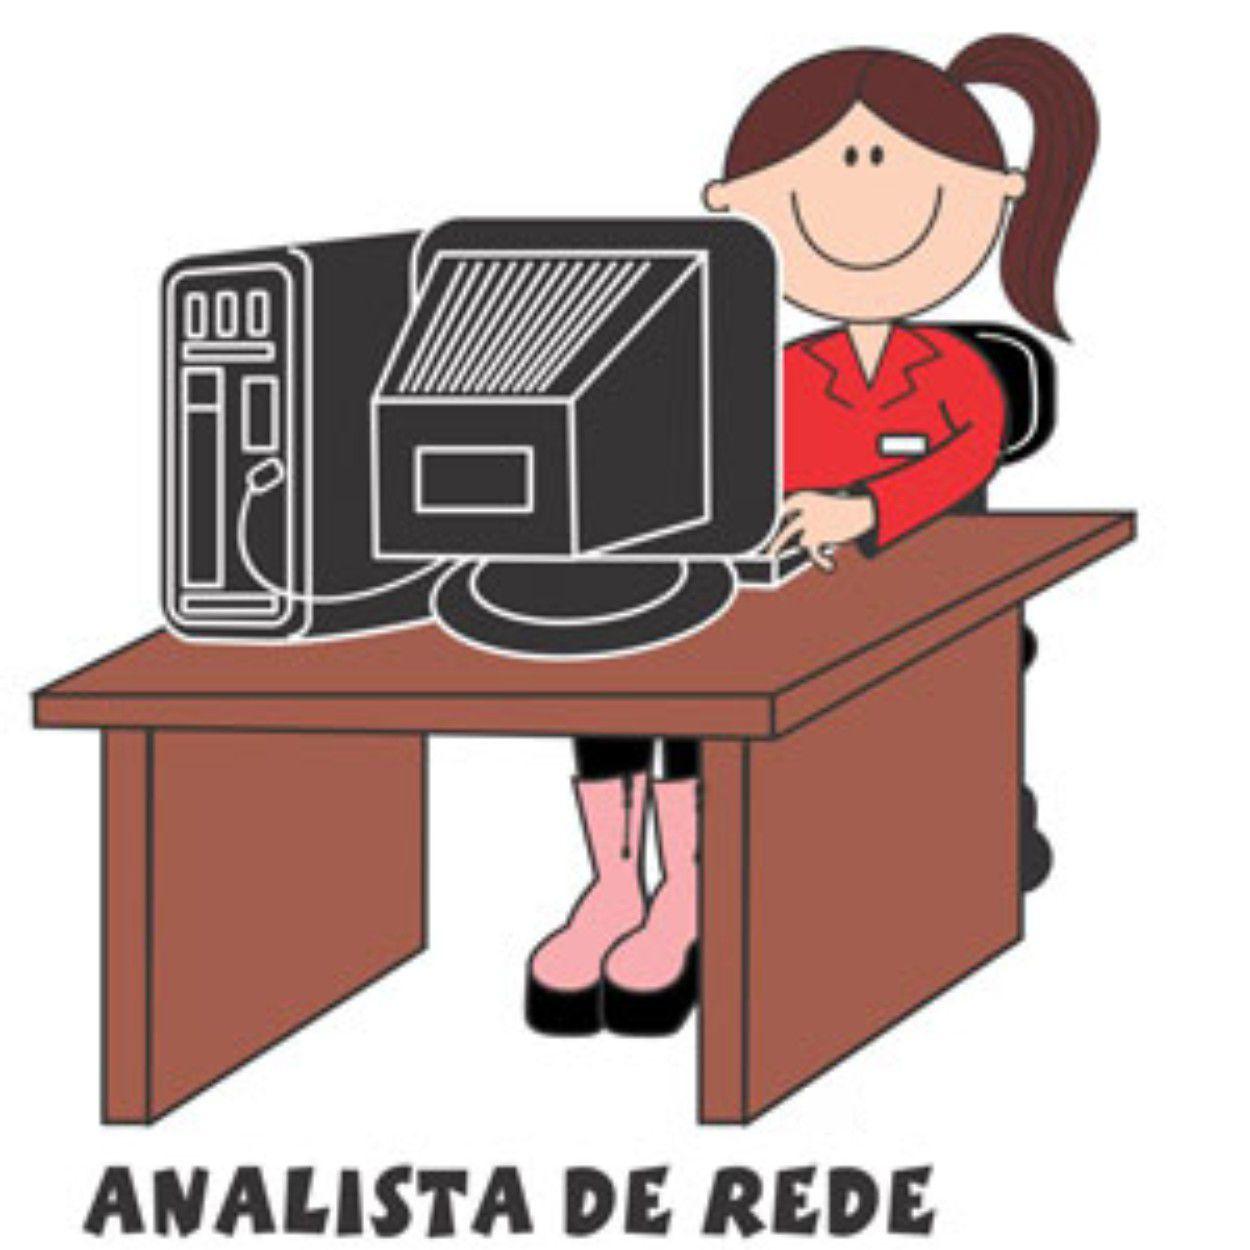 Decalque para Porcelana - Analista de Rede(a)